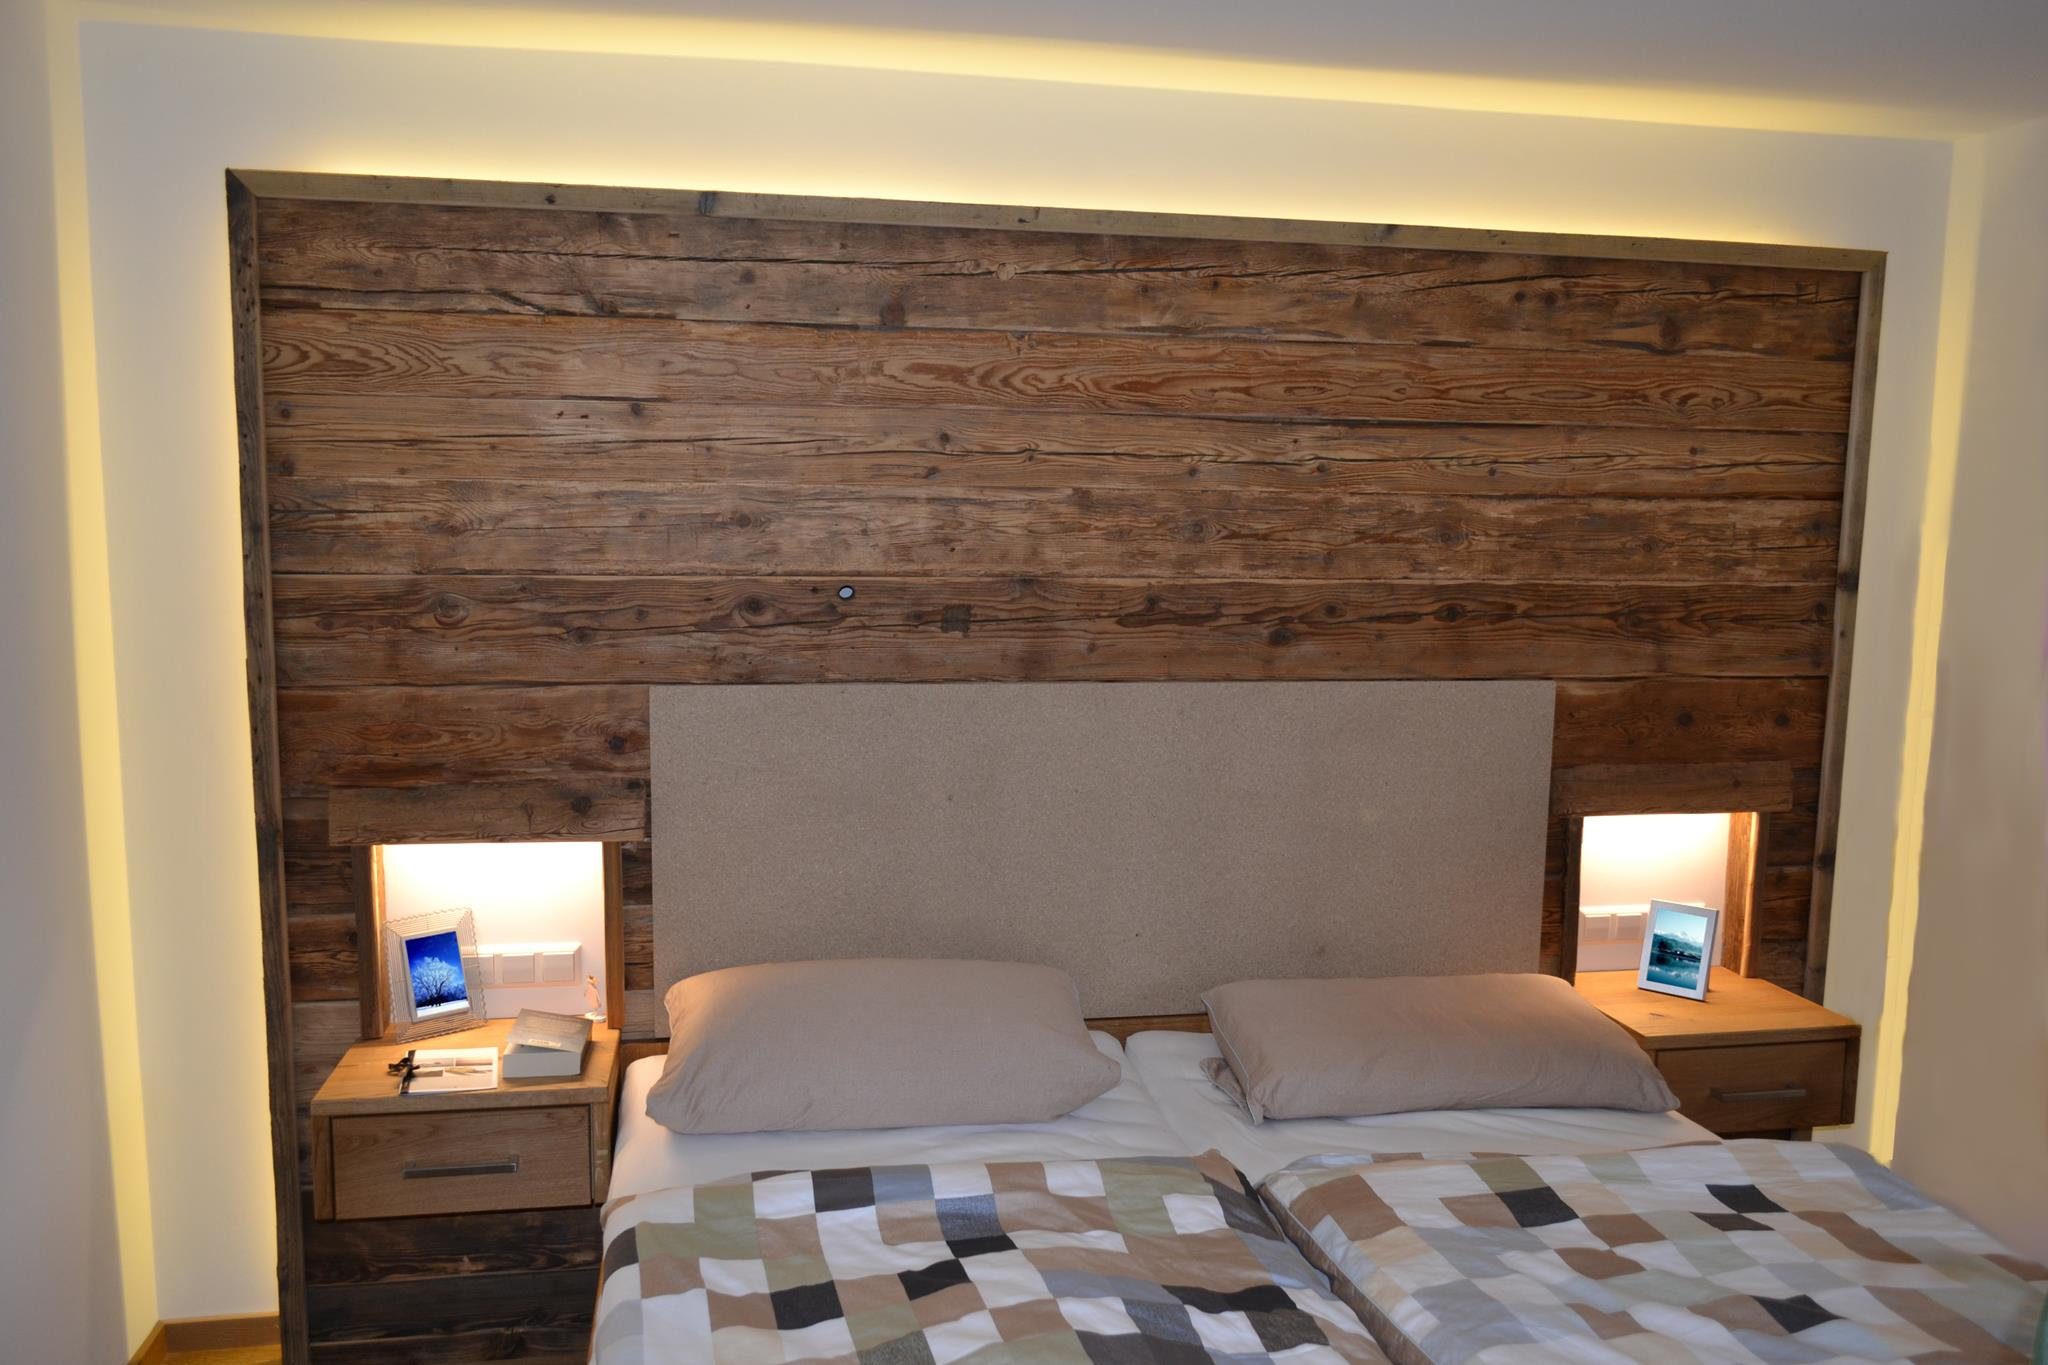 altholz schlafzimmer kreative deko ideen und. Black Bedroom Furniture Sets. Home Design Ideas